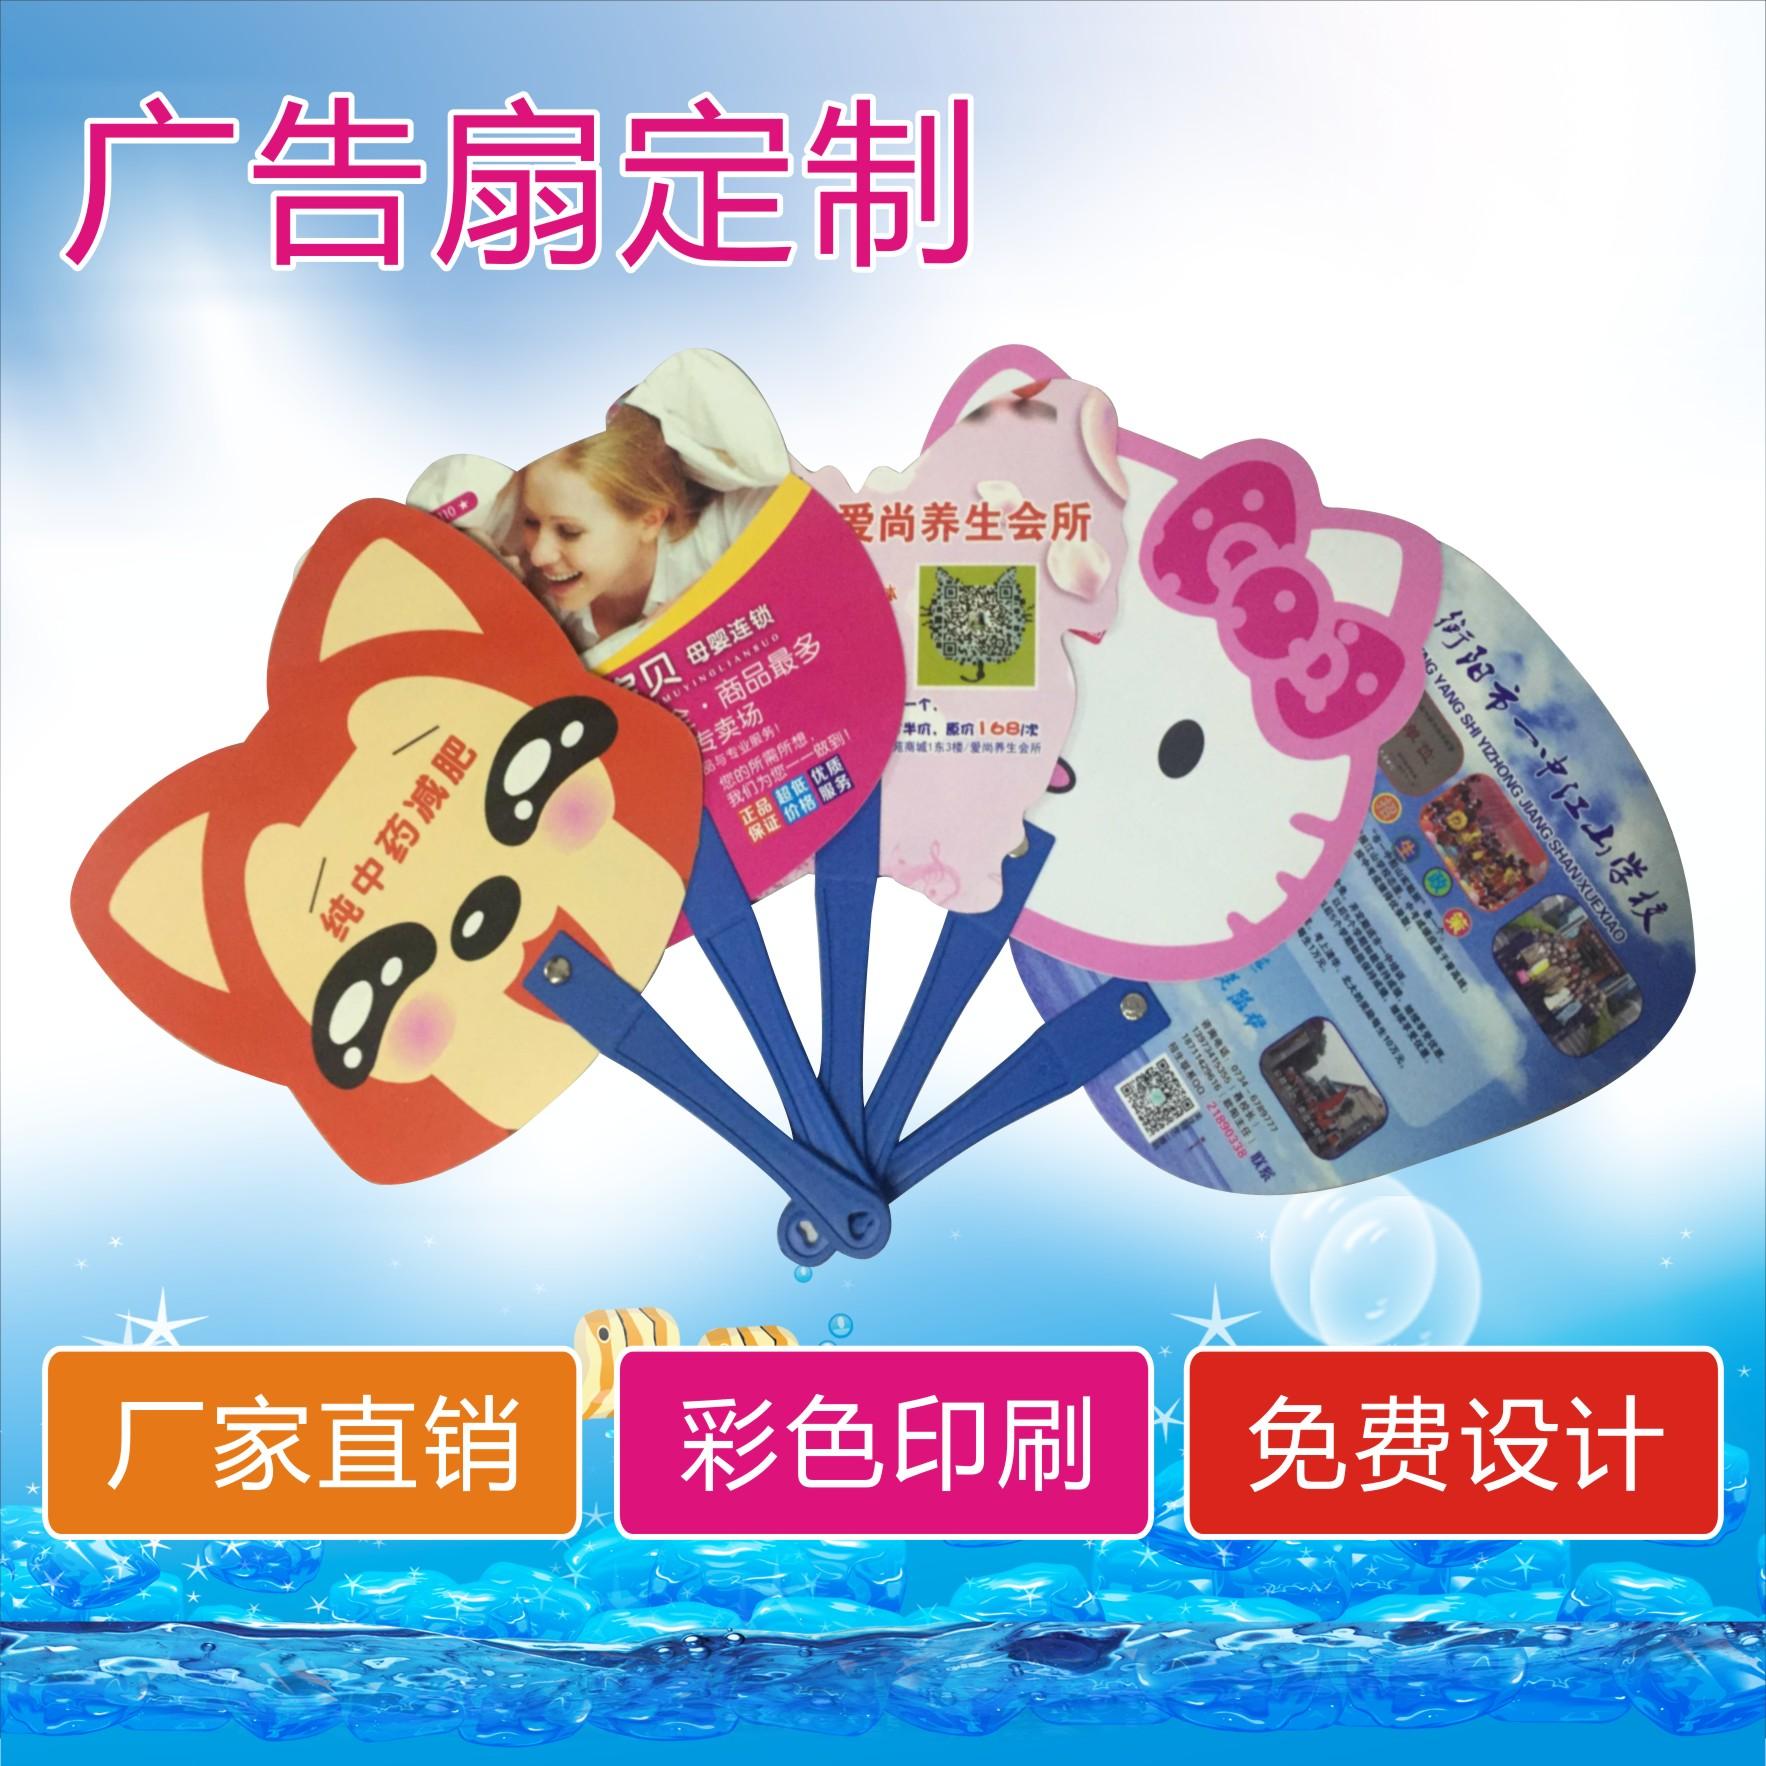 Реклама веер стандарт мультики сделанный на заказ PP пластик индивидуальный деятельность пропаганда вентилятор бесплатно дизайн 1000 поставить печать